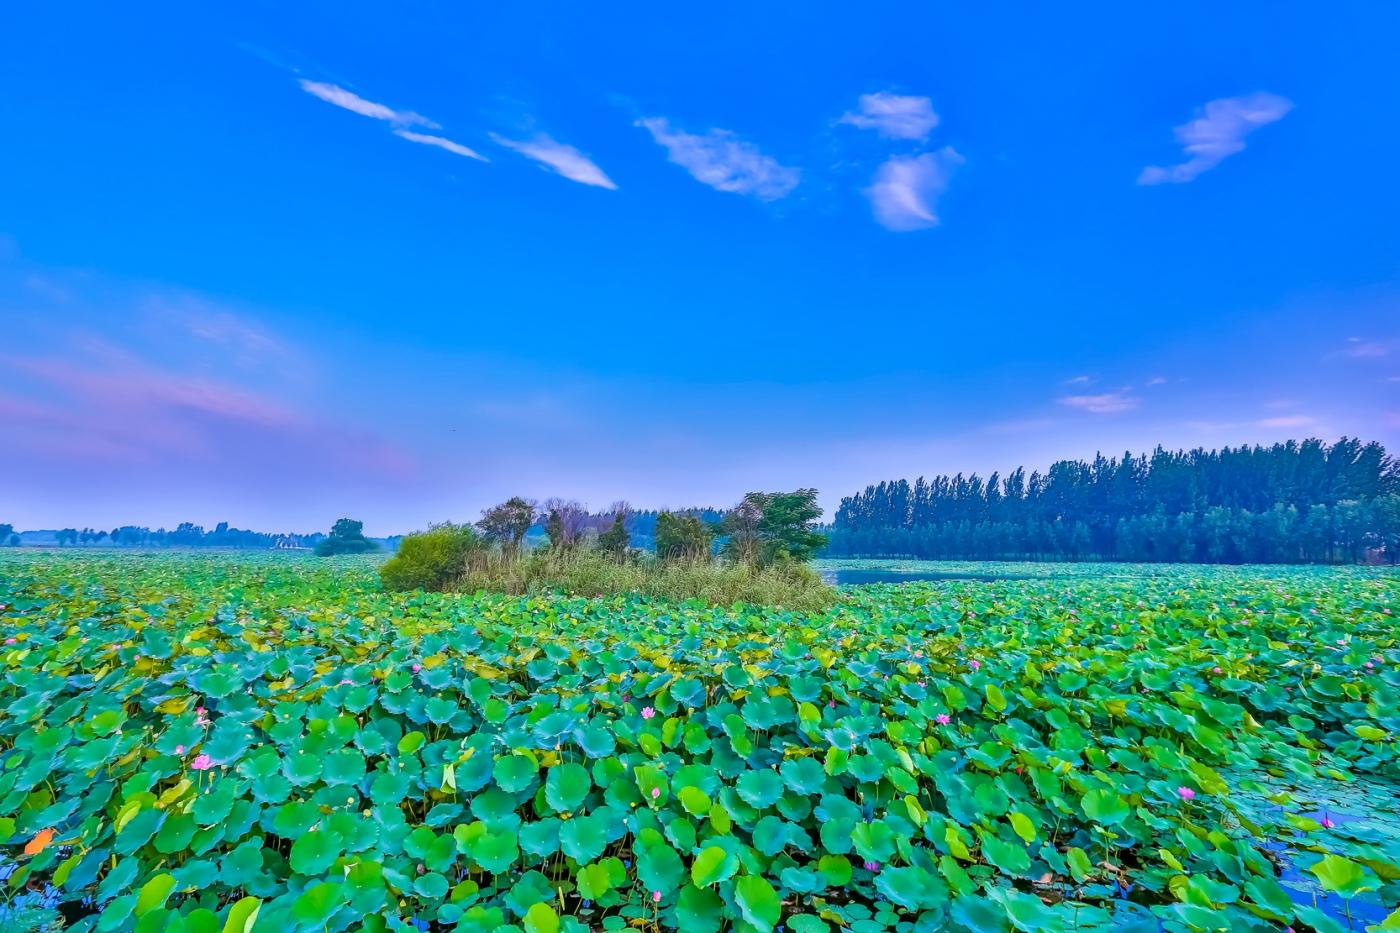 看红荷不必东奔西走 临沂红荷湿地美景如画_图1-14